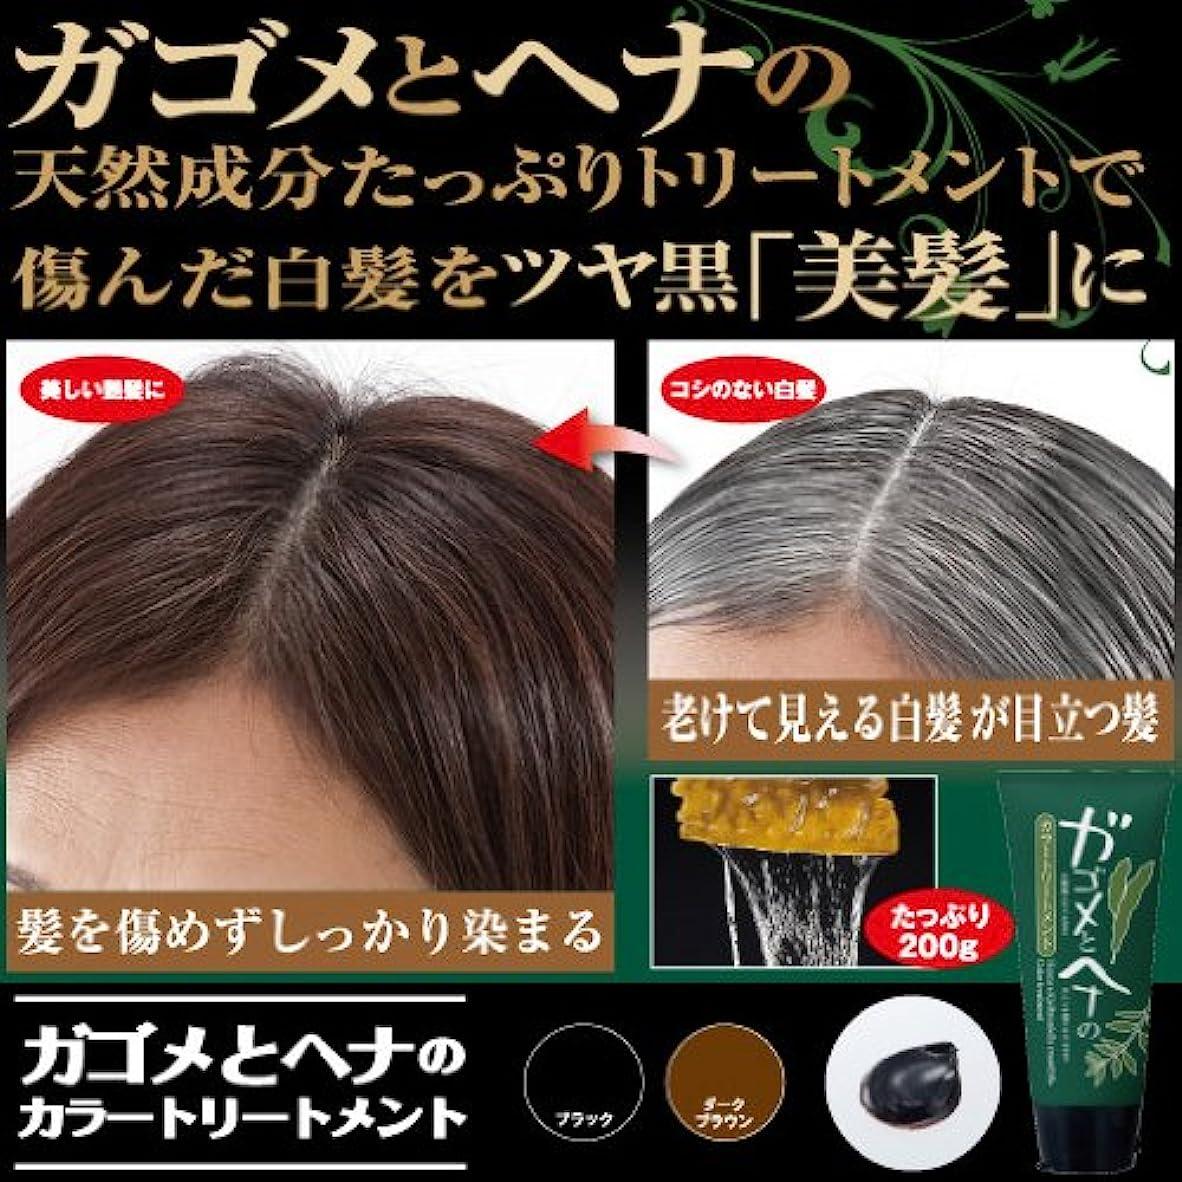 フルーツ野菜しないでください特許髪を傷めず白髪1本1本しっかり色づけ『ガゴメとヘナの カラートリートメント』(ブラック)